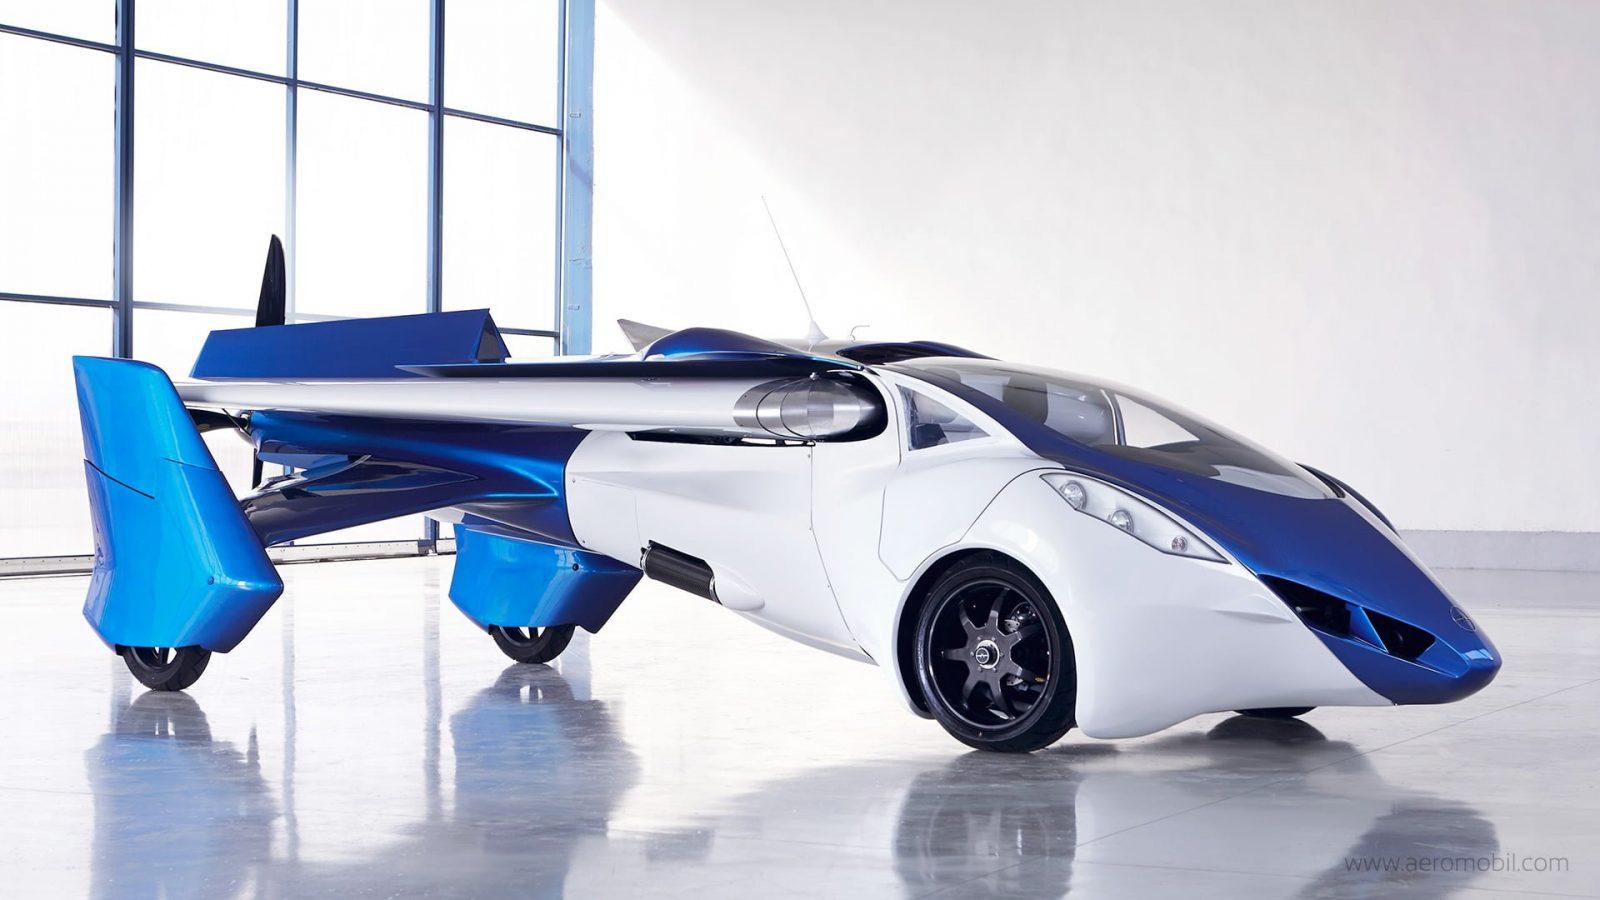 Первый летающий автомобиль AeroMobil 3.0 будет стоить 200 тысяч евро